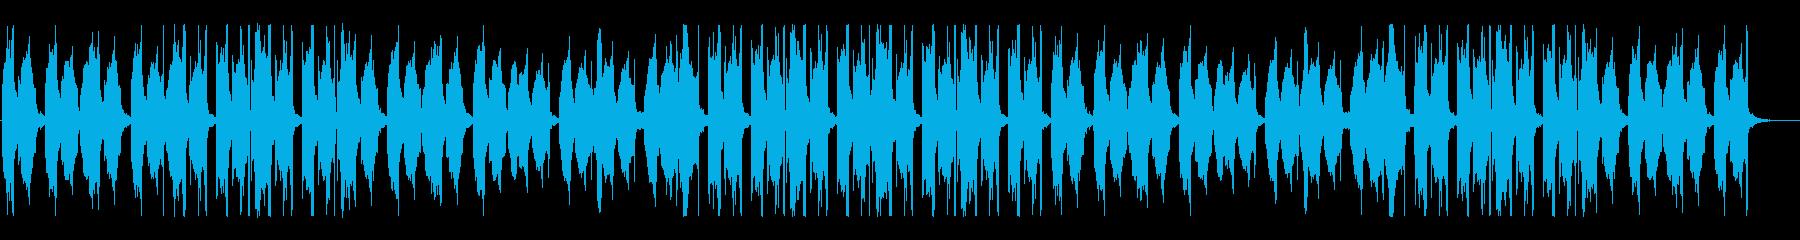 クールでメロウ、高級感のあるチルアウトの再生済みの波形